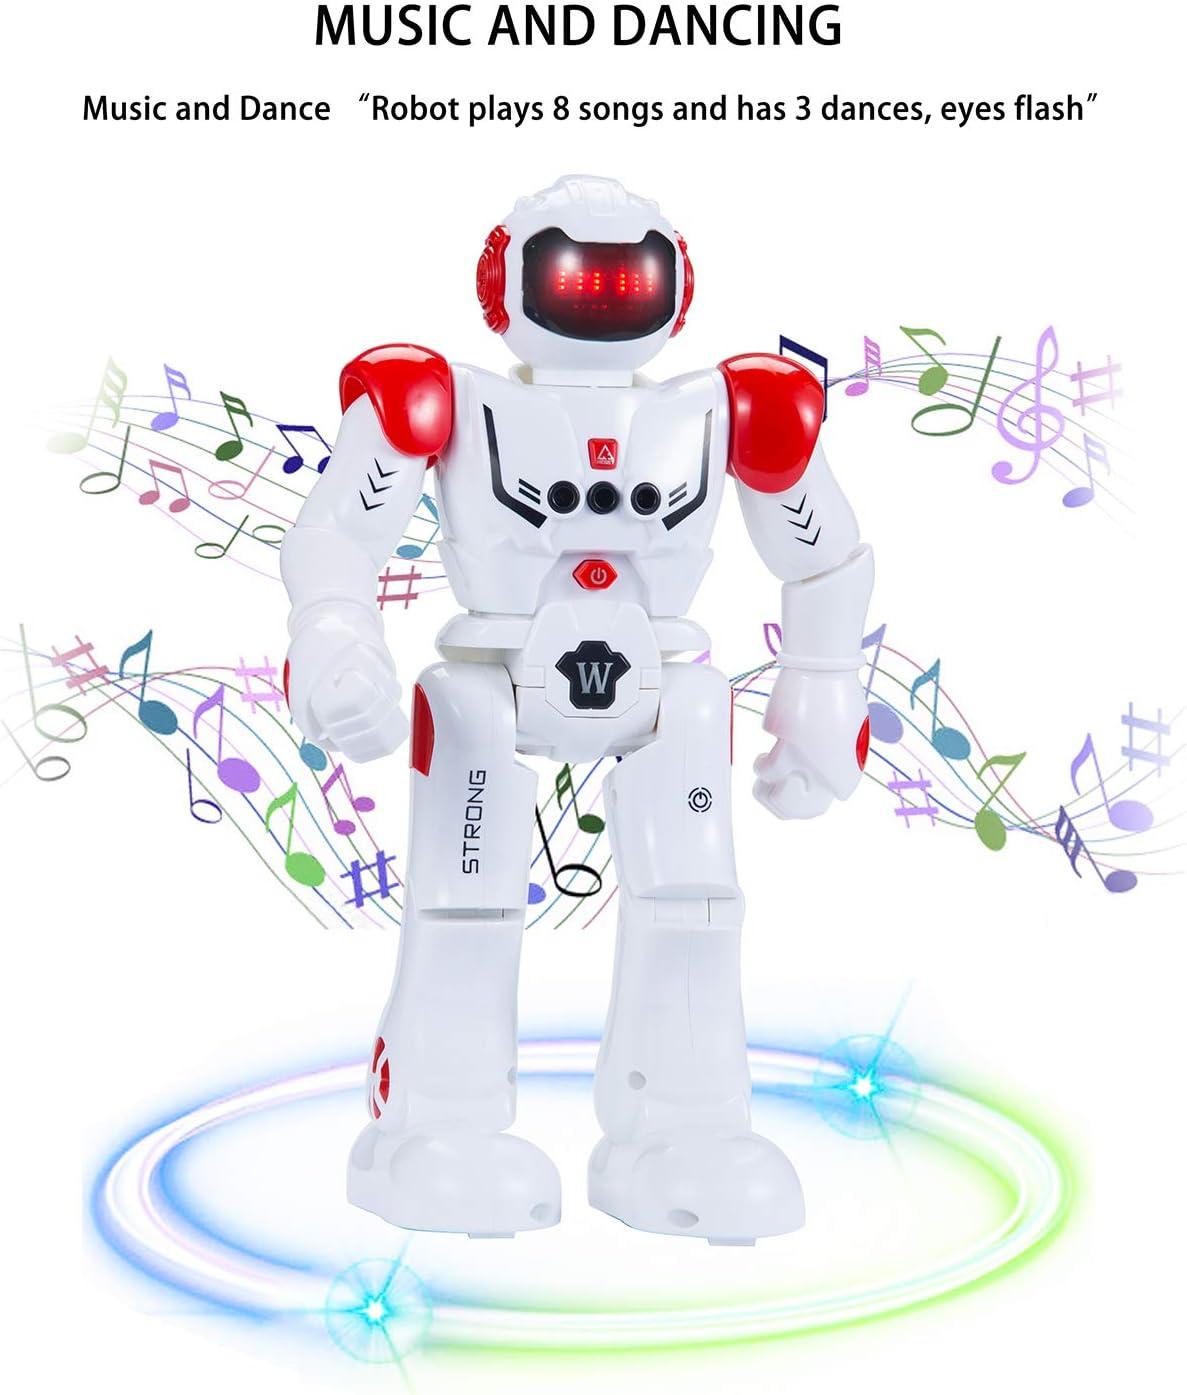 Roboter Kinder RC Fernbedienung Intelligenter Roboter Intelligente Programmierung Gestenerkennung Roboter Rot RC Spielzeug f/ür Kinder Jungen M/ädchen Geschenk SENYANG Roboter Kinderspielzeug